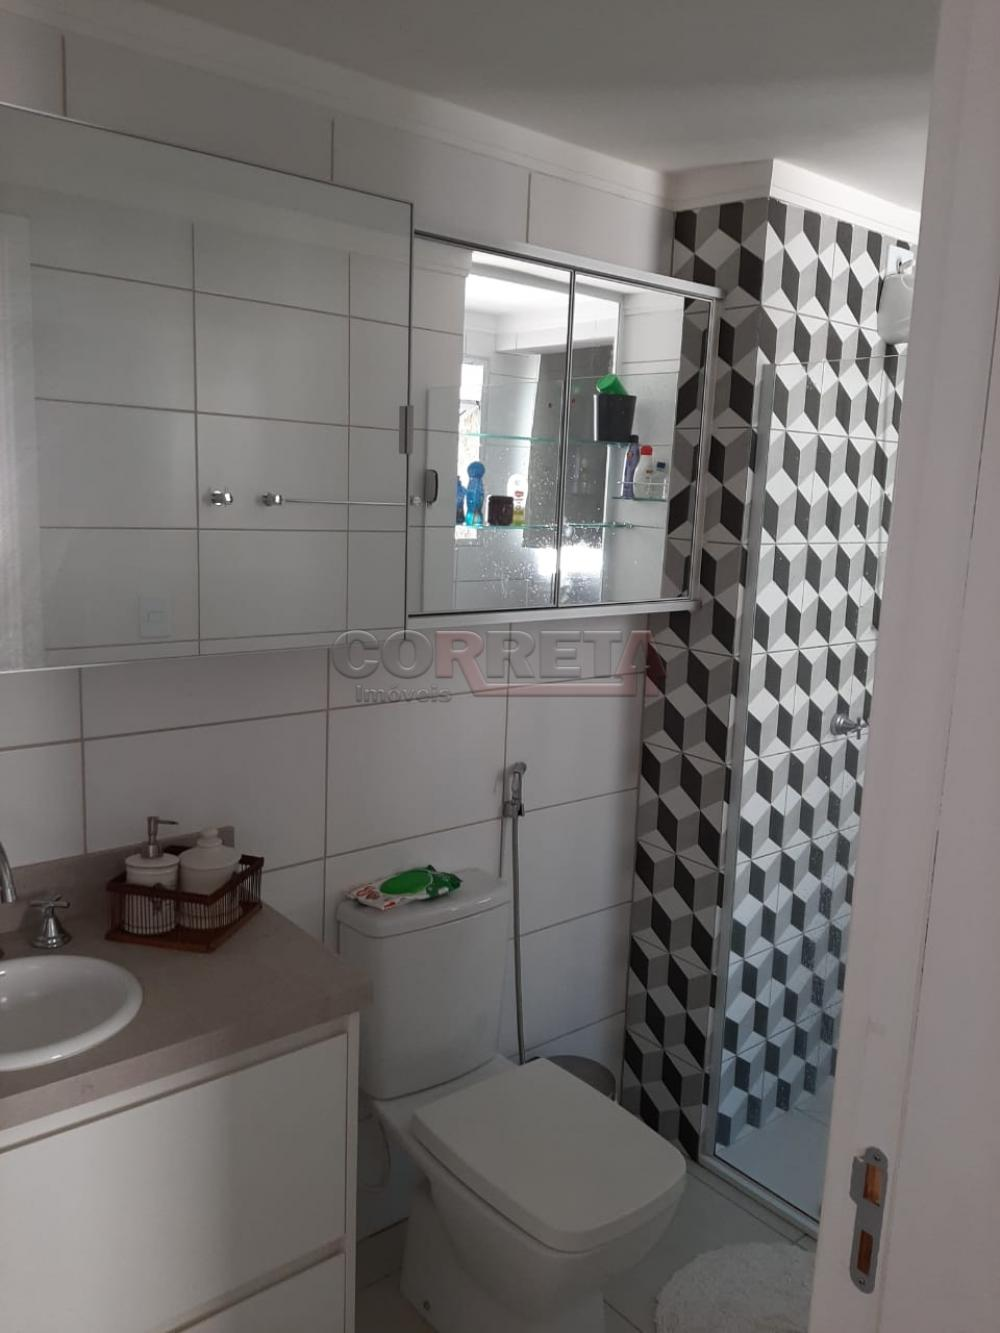 Comprar Apartamento / Padrão em Araçatuba apenas R$ 470.000,00 - Foto 10